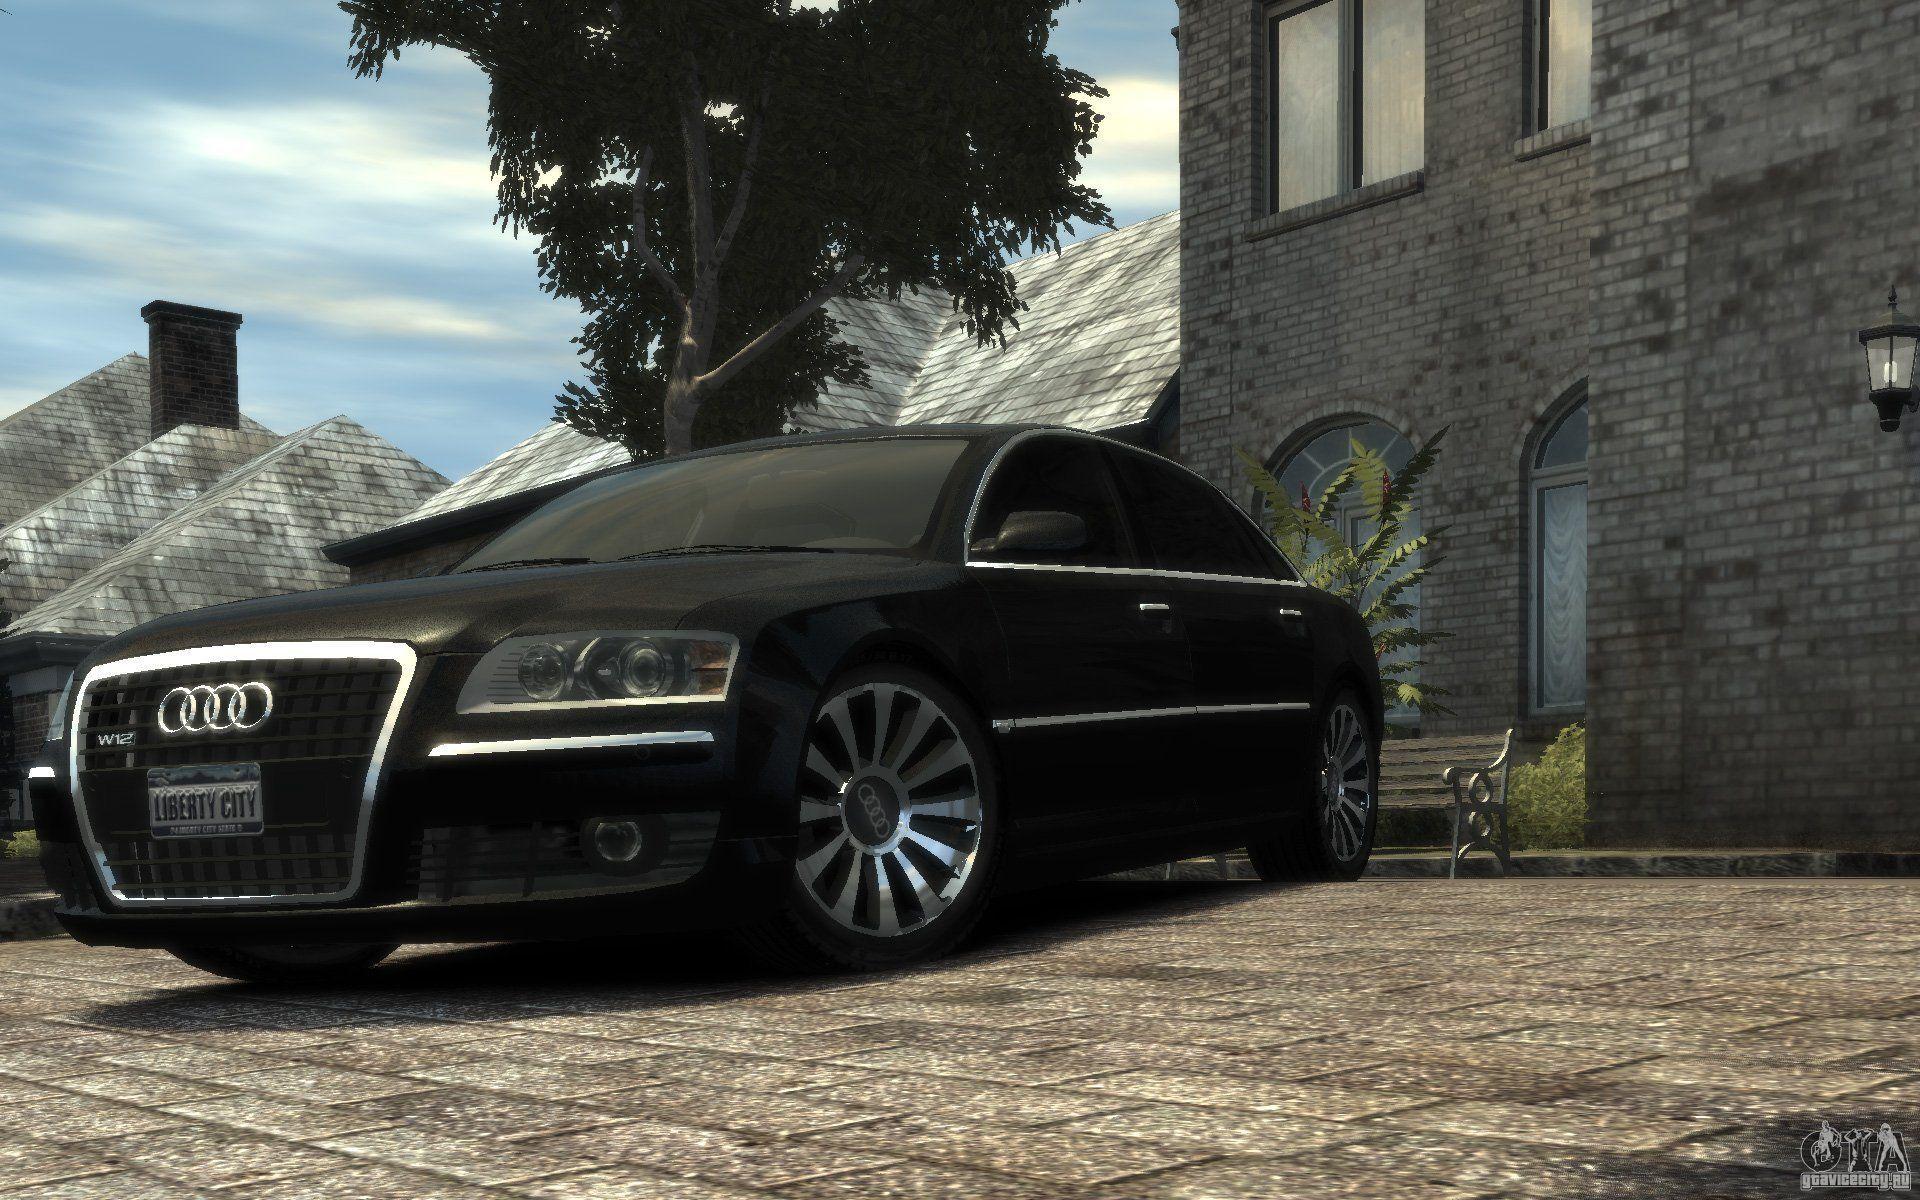 Kekurangan Audi Transporter Top Model Tahun Ini